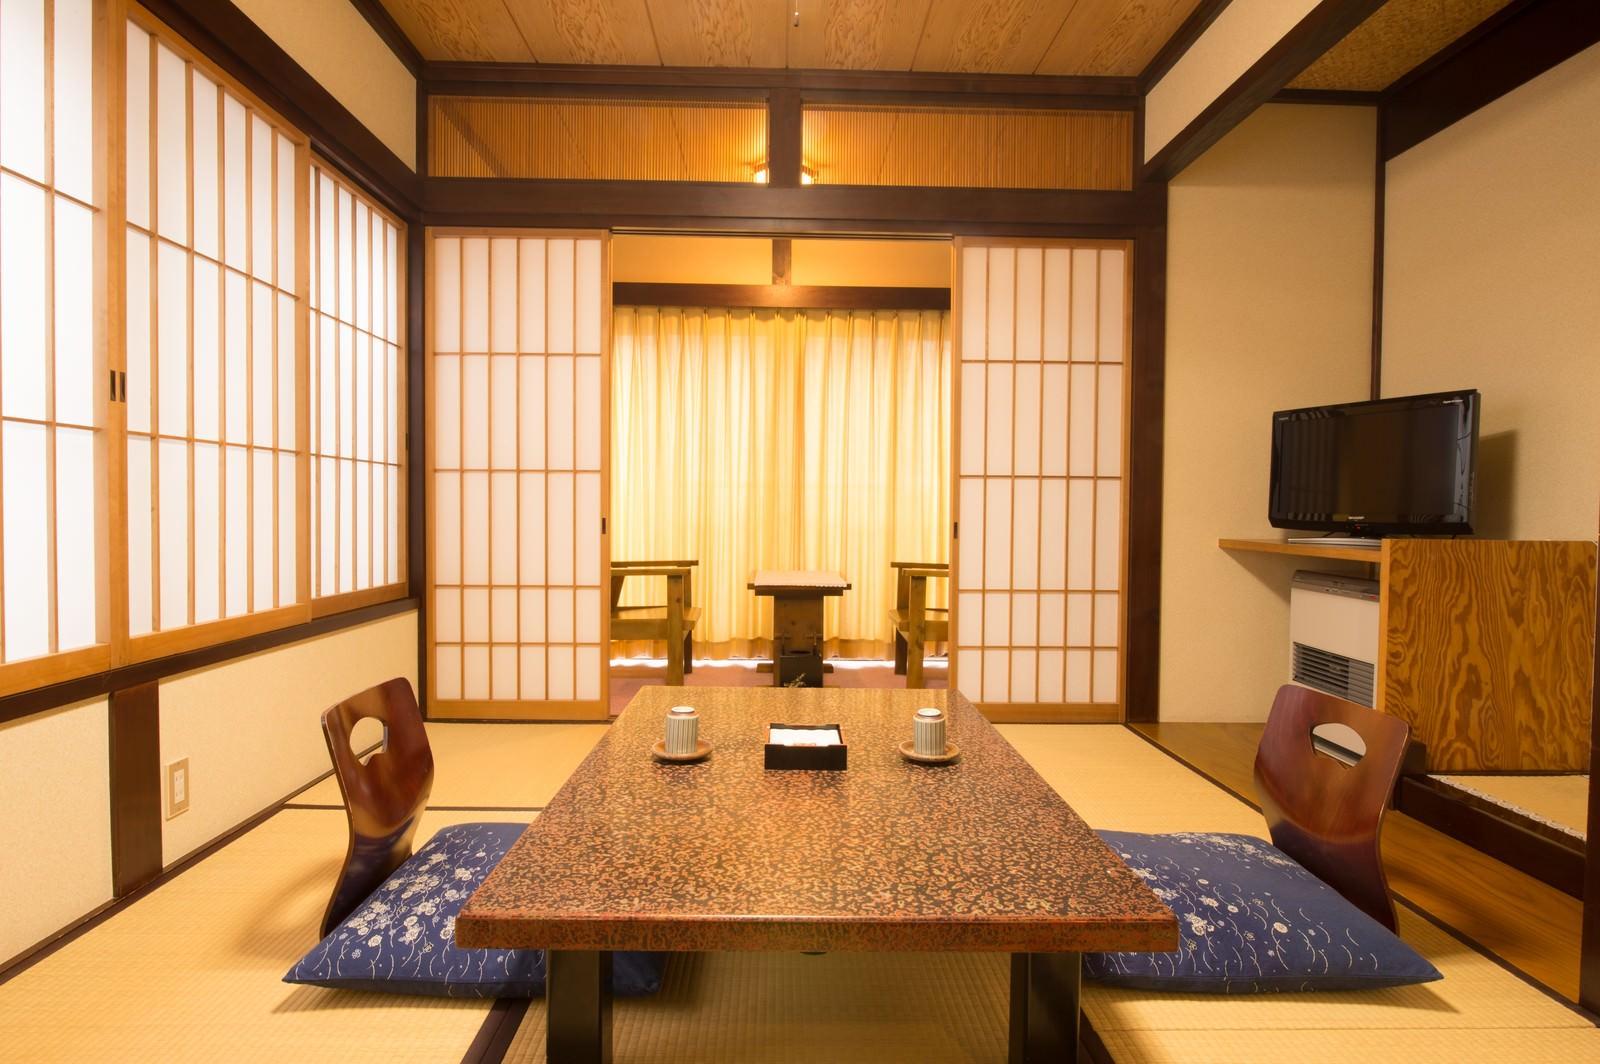 「落ち着いた佇まいの和室の客室(お宿栄太郎) | 写真の無料素材・フリー素材 - ぱくたそ」の写真